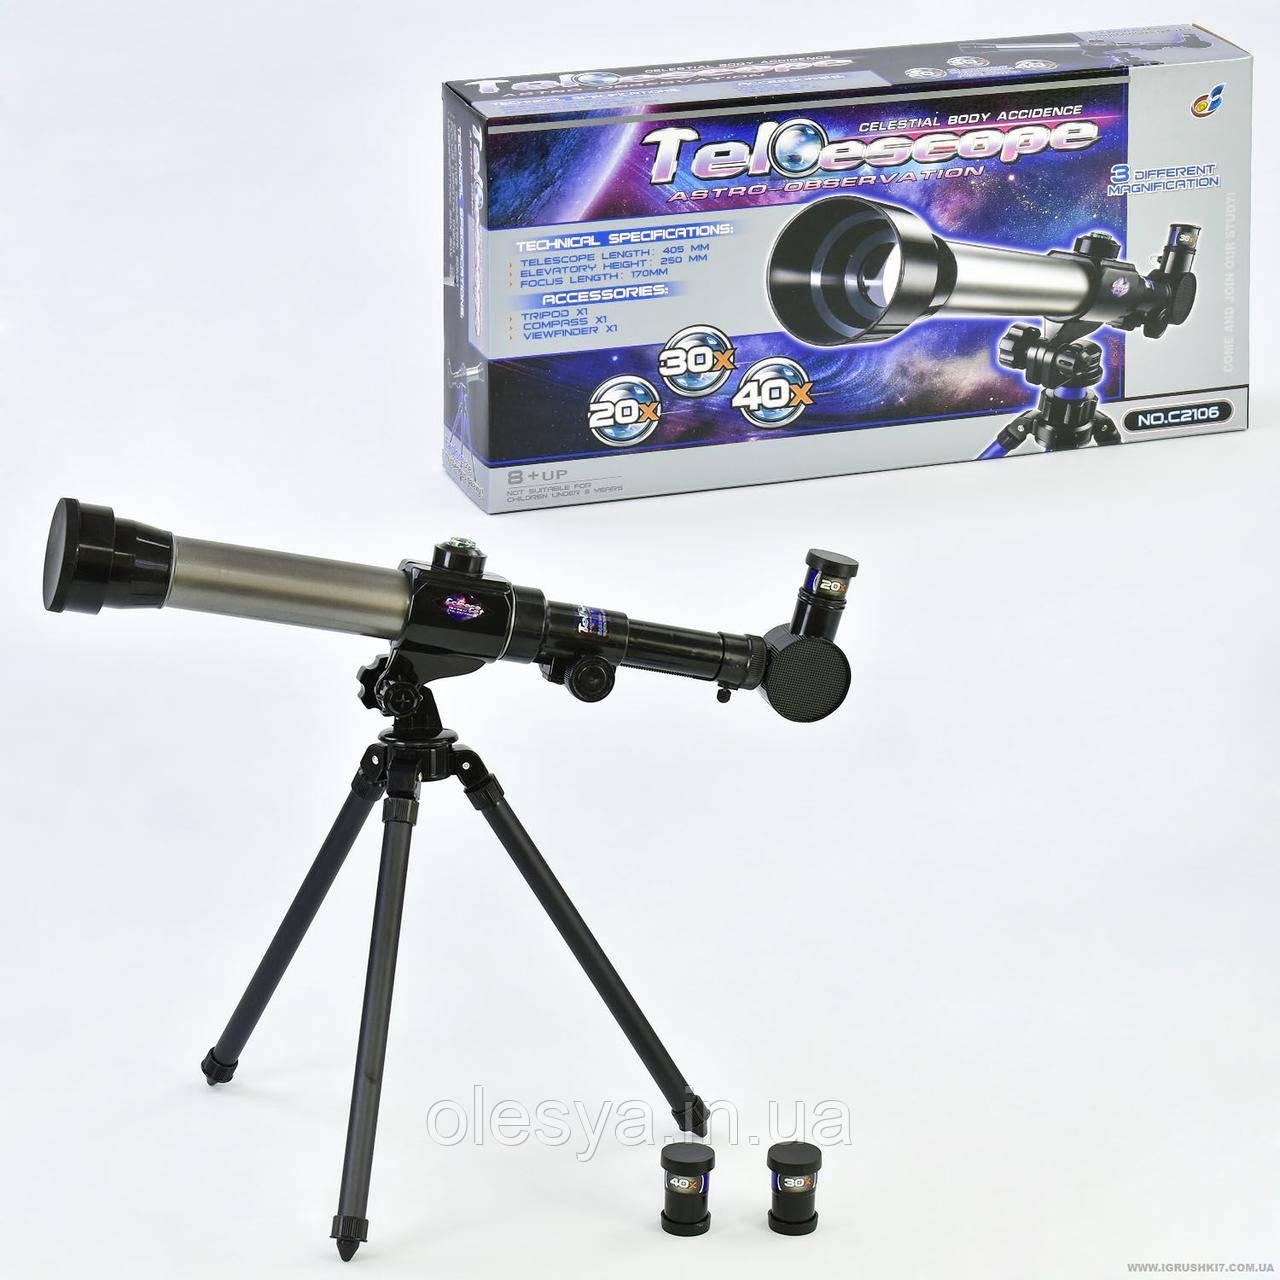 Телескоп С 2106 на треноге, 3 набора линз